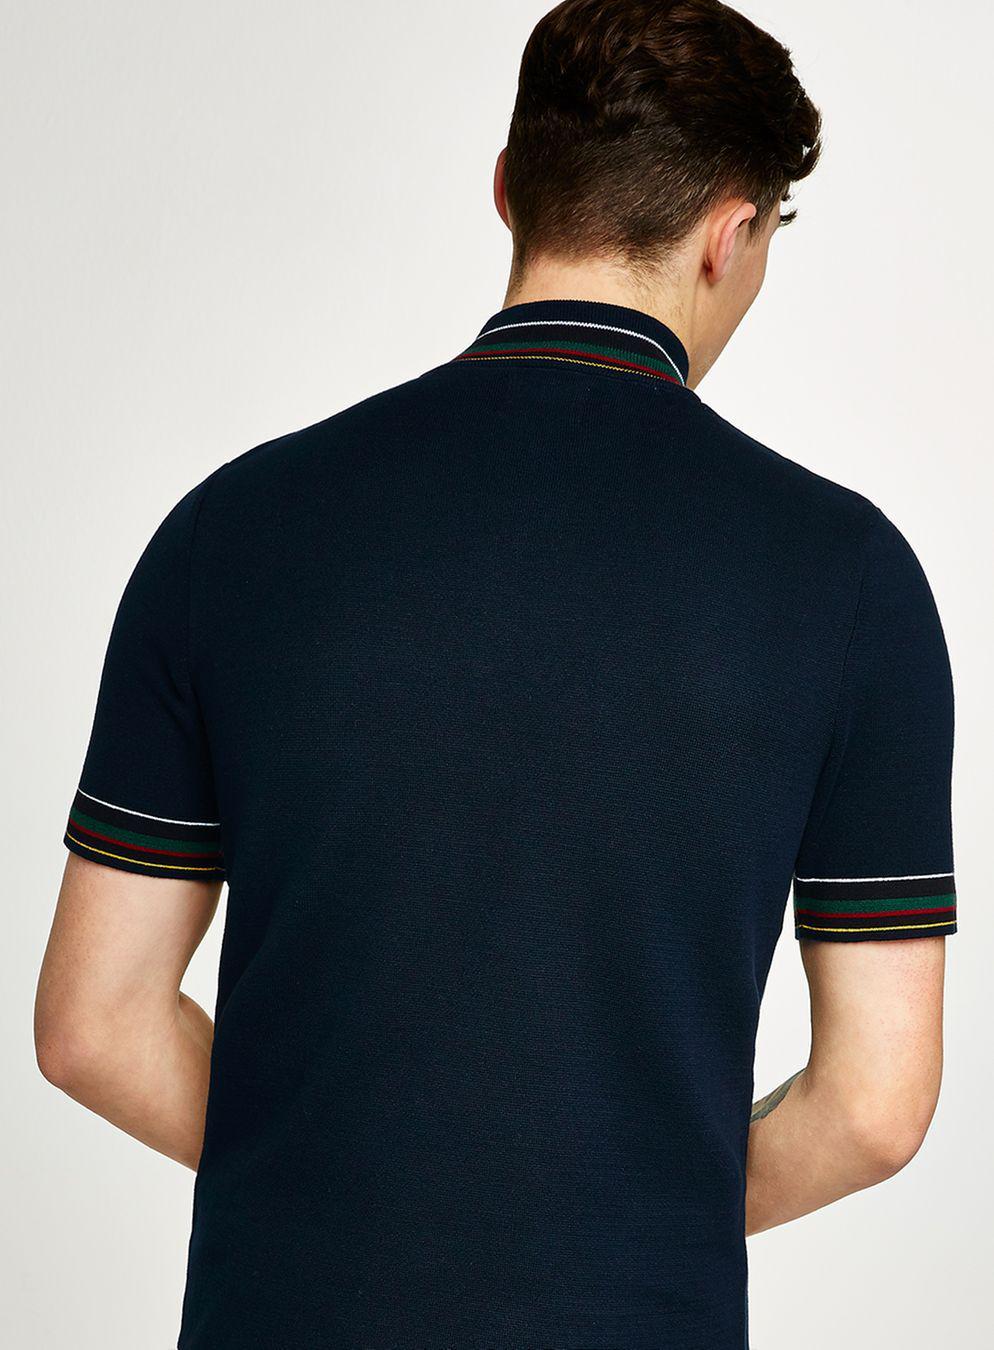 TOPMAN Cotton Navy Half Zip Jumper in Blue for Men